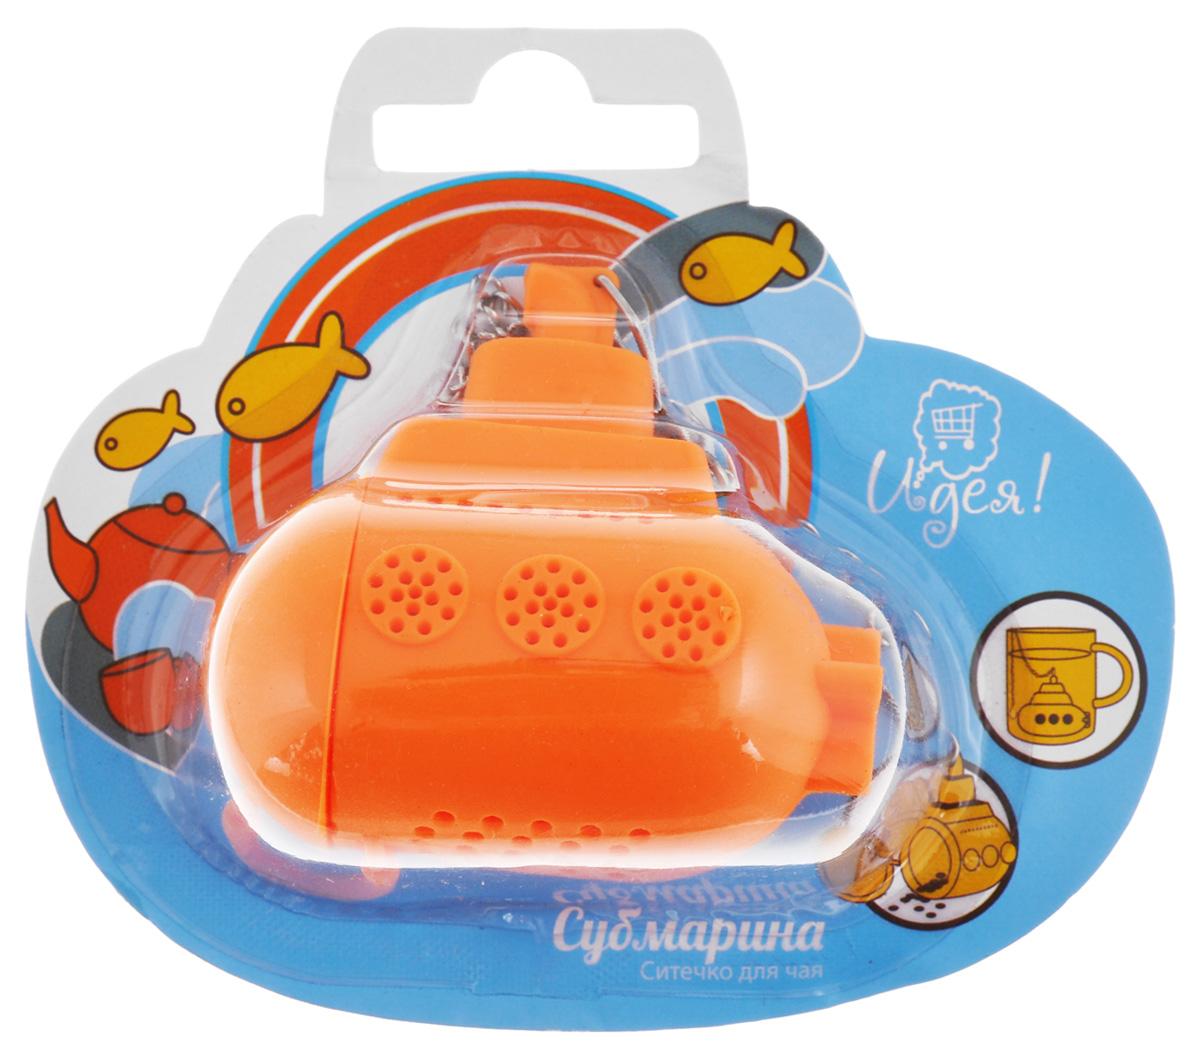 Ситечко для чая Идея Субмарина, цвет: оранжевыйSBM-01_оранжСитечко Идея Субмарина прекрасно подходит для заваривания любого вида чая. Изделие выполнено из пищевого силикона в виде подводной лодки. Изделием очень легко пользоваться. Просто насыпьте заварку внутрь и погрузите субмарину на дно кружки. Изделие снабжено металлической цепочкой с крючком на конце. Забавная и приятная вещица для вашего домашнего чаепития. Не рекомендуется мыть в посудомоечной машине. Размер фигурки: 6 см х 5,5 см х 3 см.